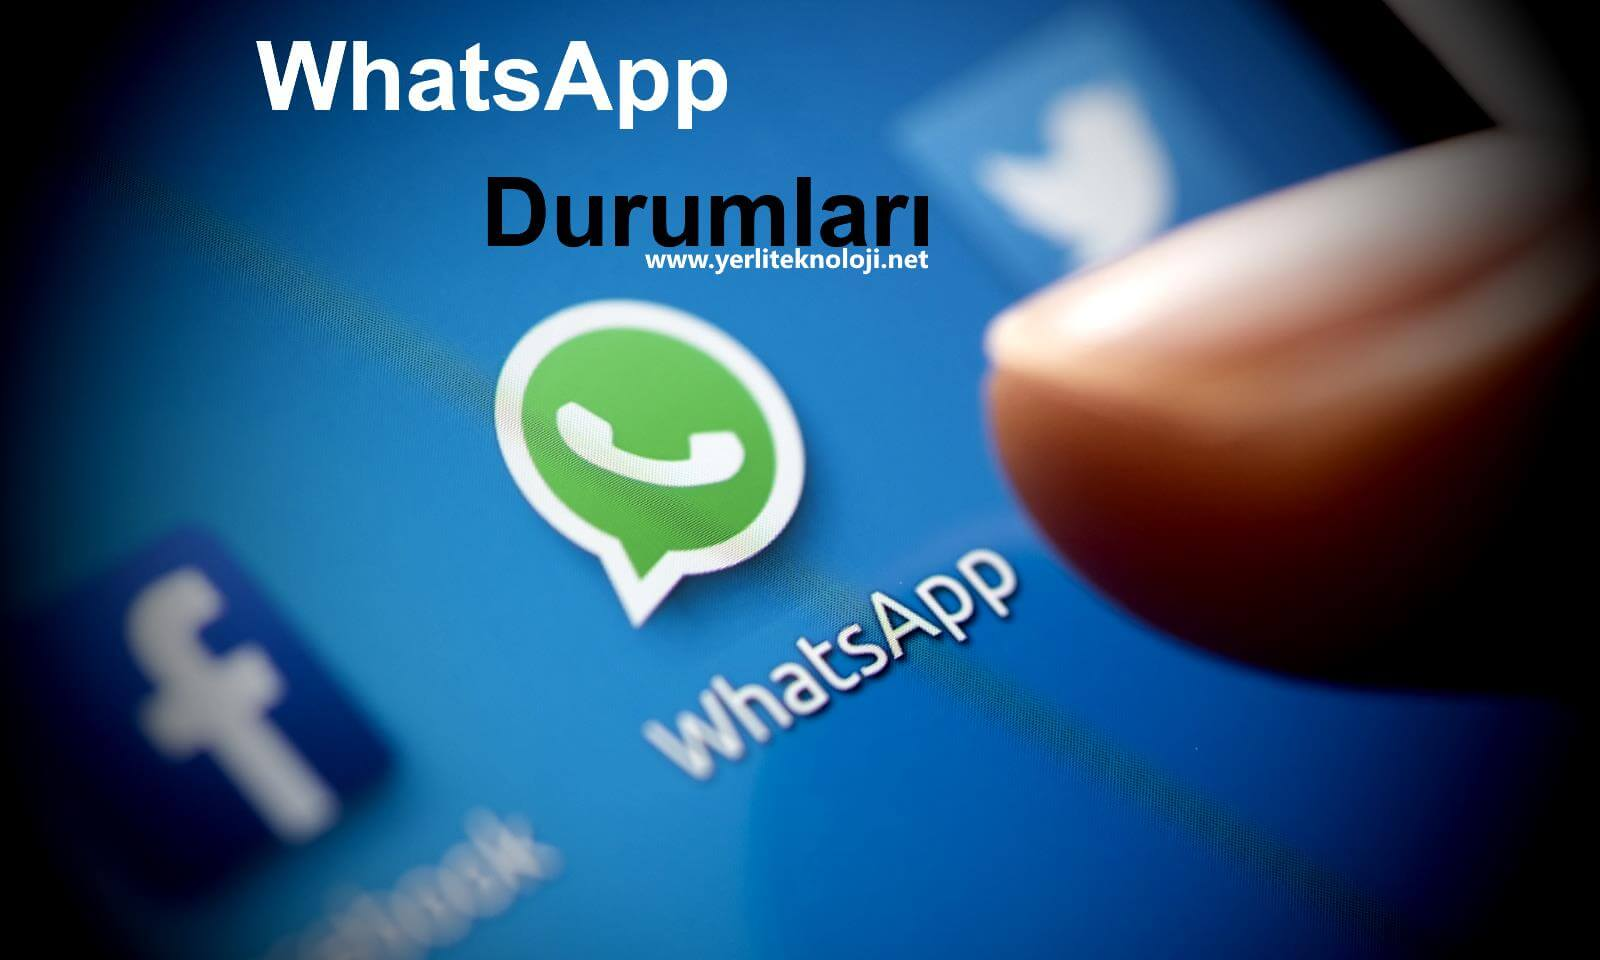 Kısa WhatsApp durum sözleri! Etkileyici sözler burada! 2021